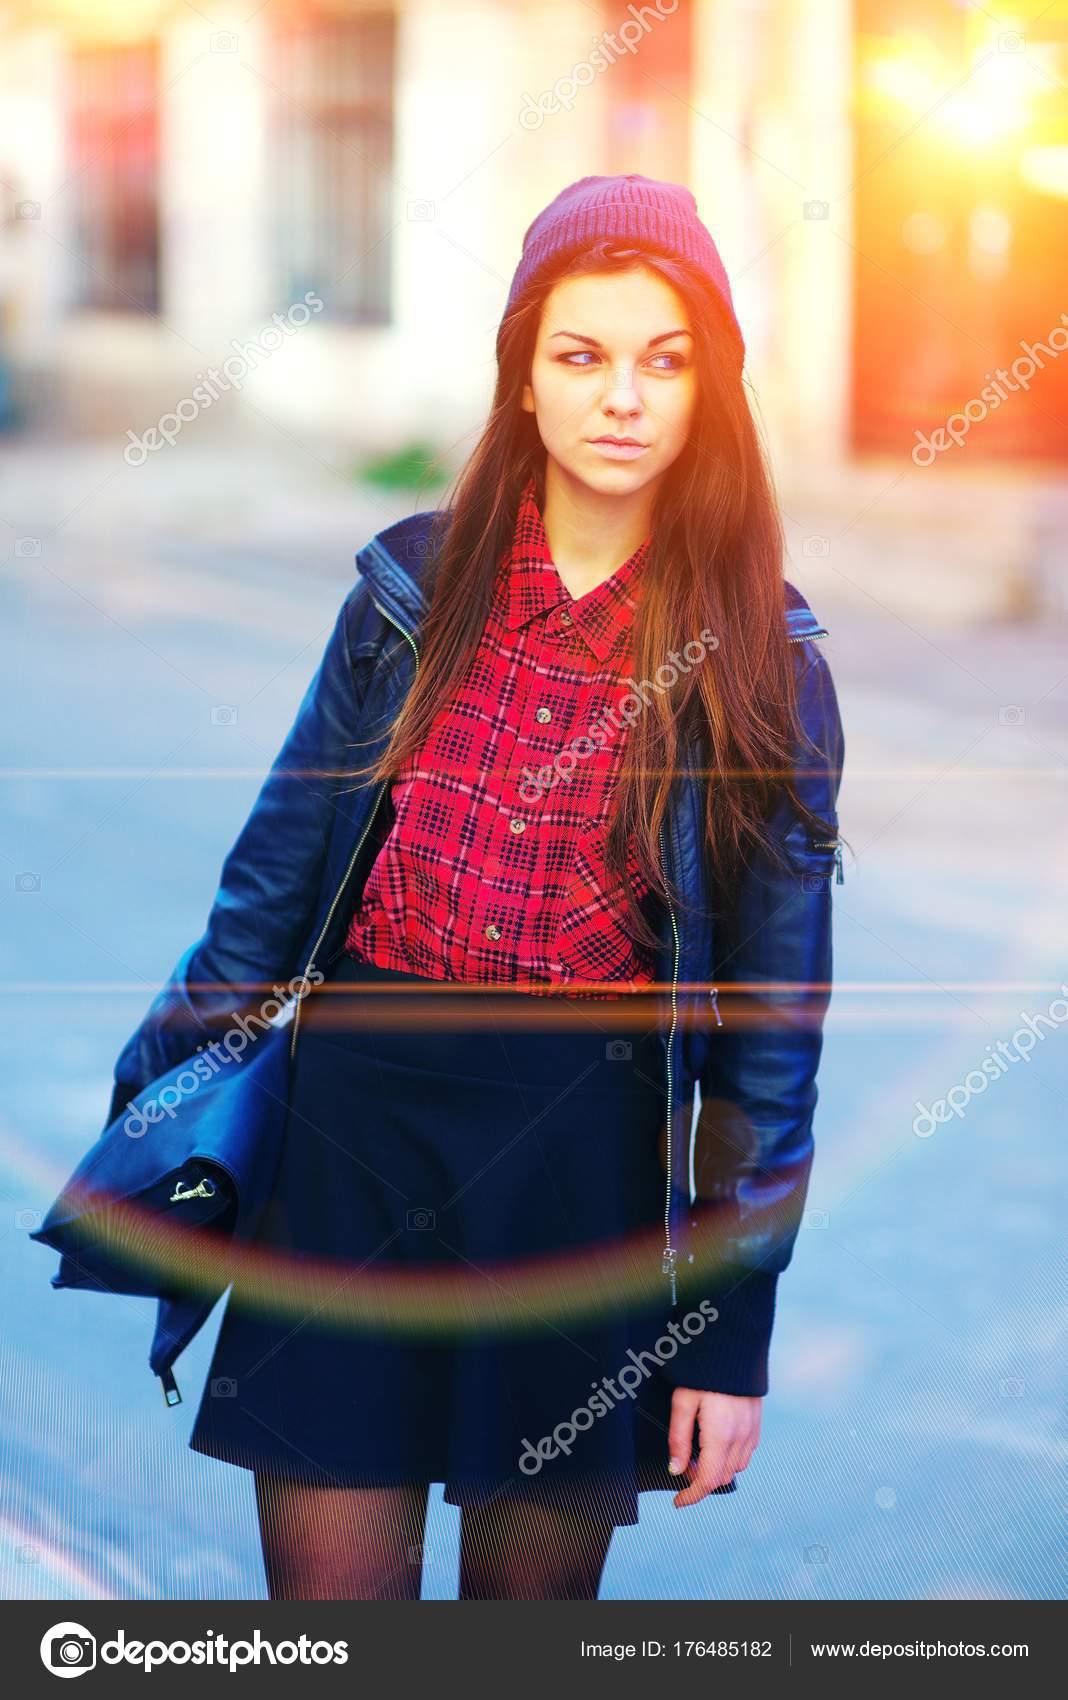 Imágenes Chicas Bonitas Con Pelo Largo Retrato De Chicas